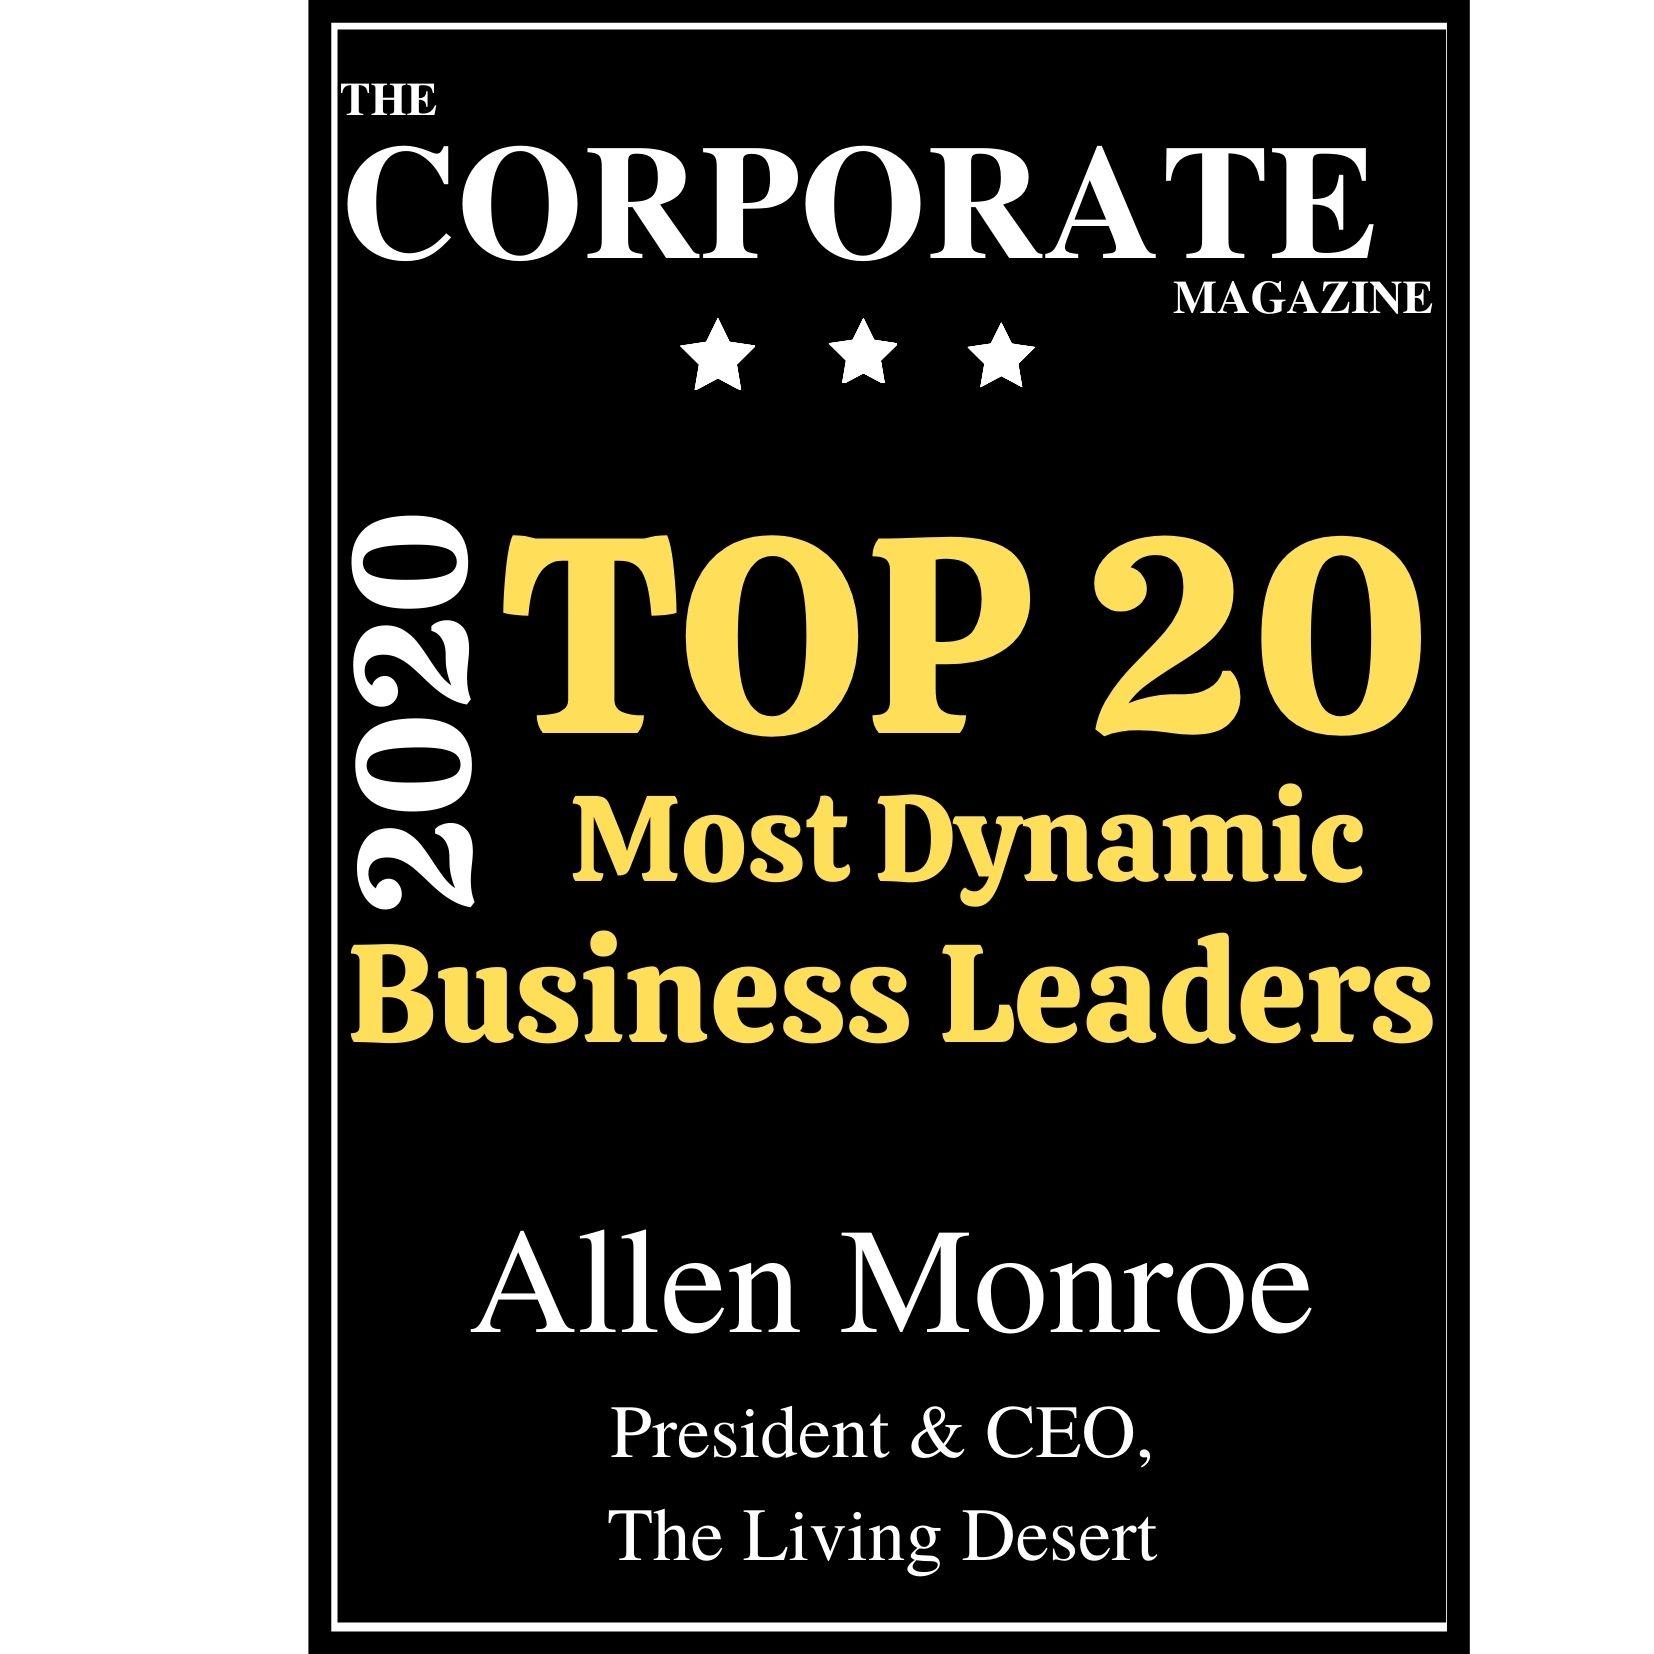 allenn monroe Business CEOs